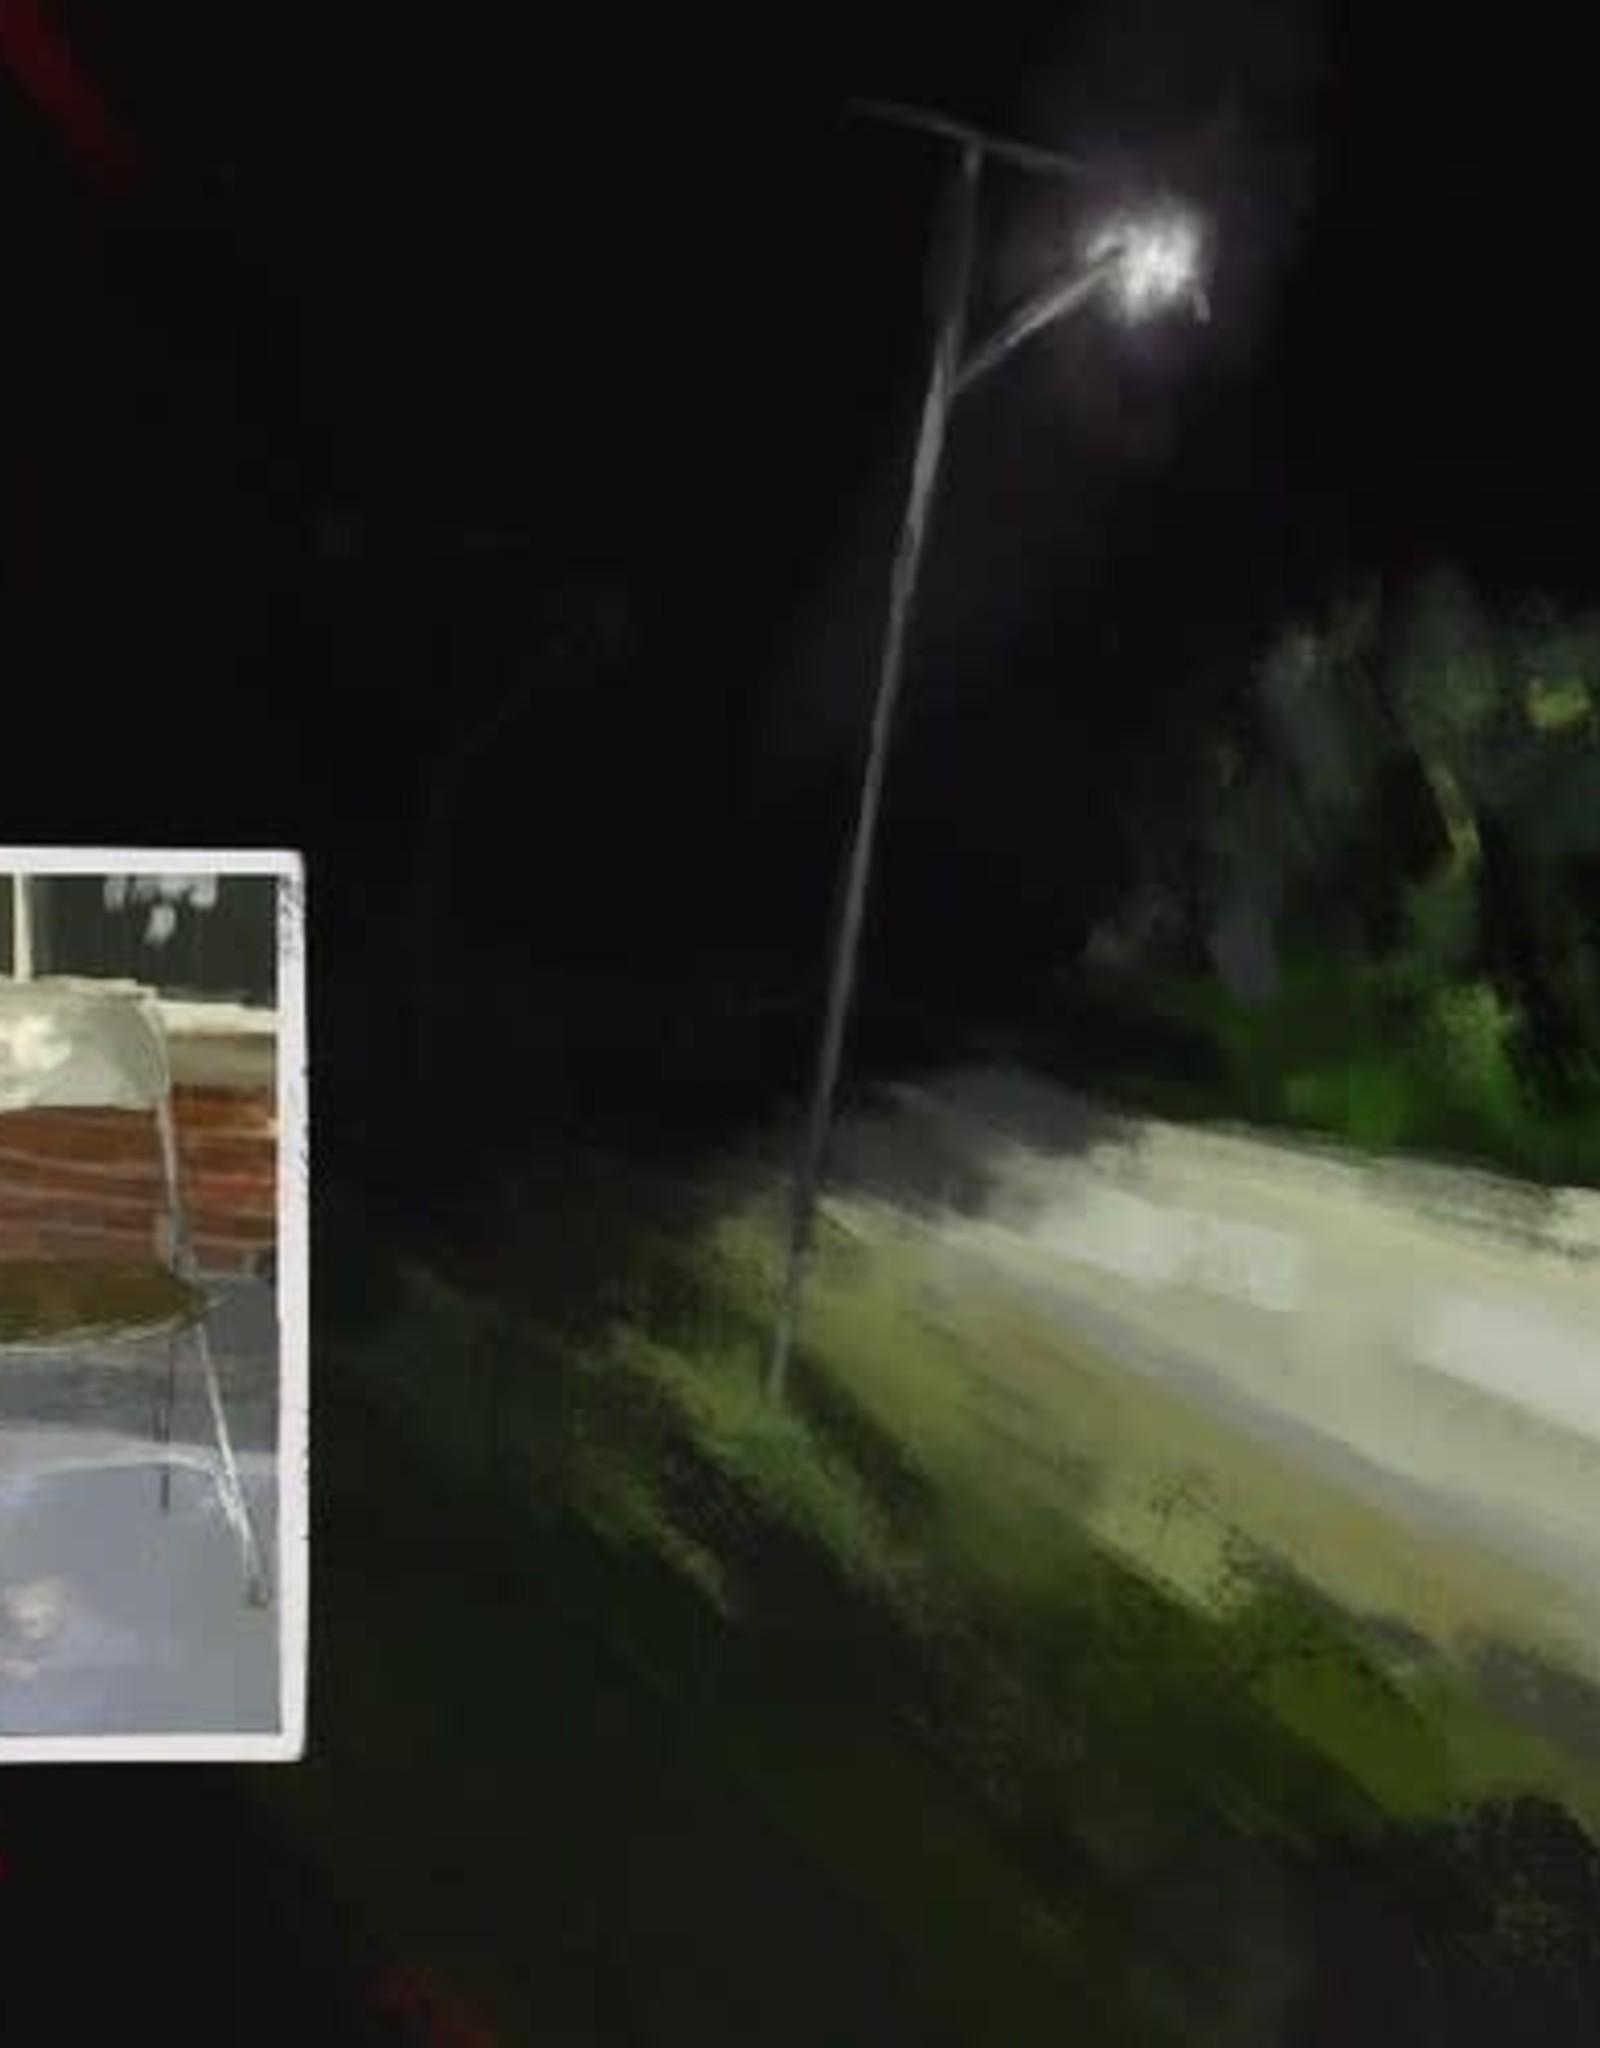 Car Seat Headrest - Making a Door Less Open